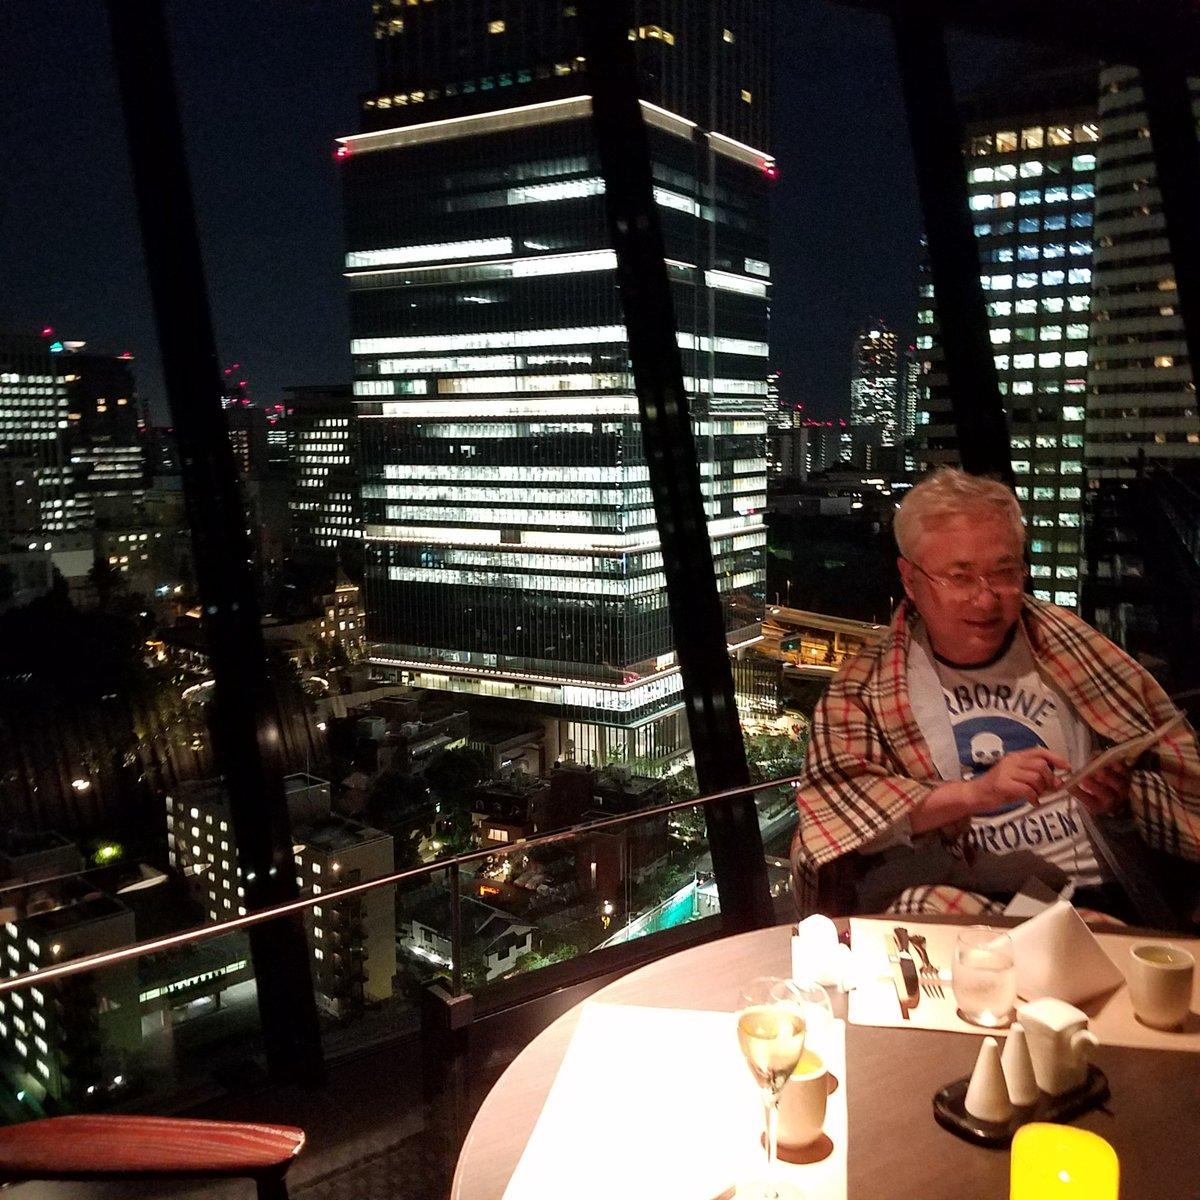 ホテルニューオータニの回転レストランでポケモンゴー。座っているだけで卵が孵るぜ。🎵なう